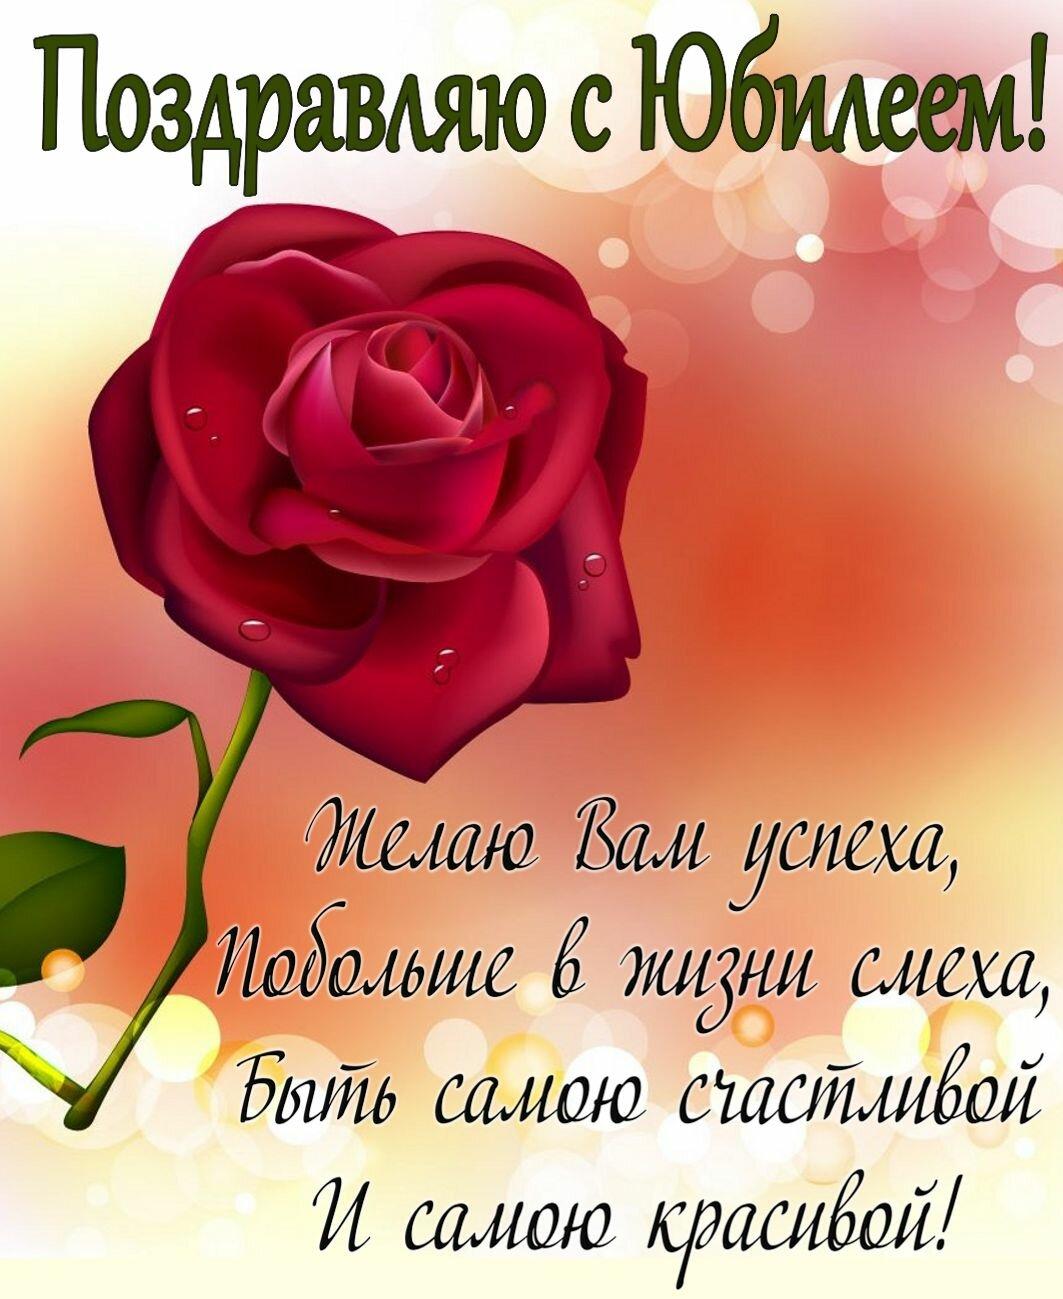 текст хорошие поздравления с днем рождения на юбилей друзья мужчины мире